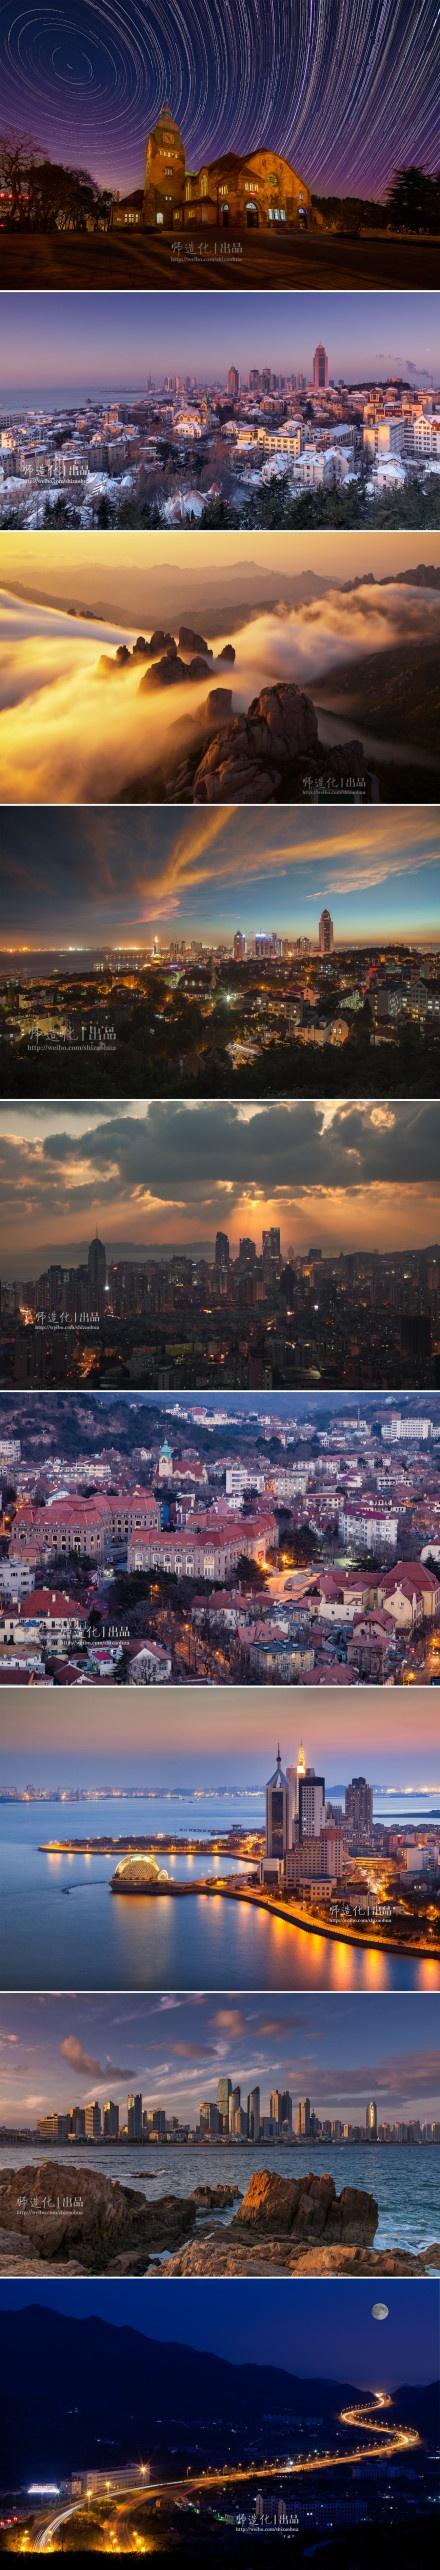 beautiful #qingdao #beautifulqingdao #hyattrengencyqingdao